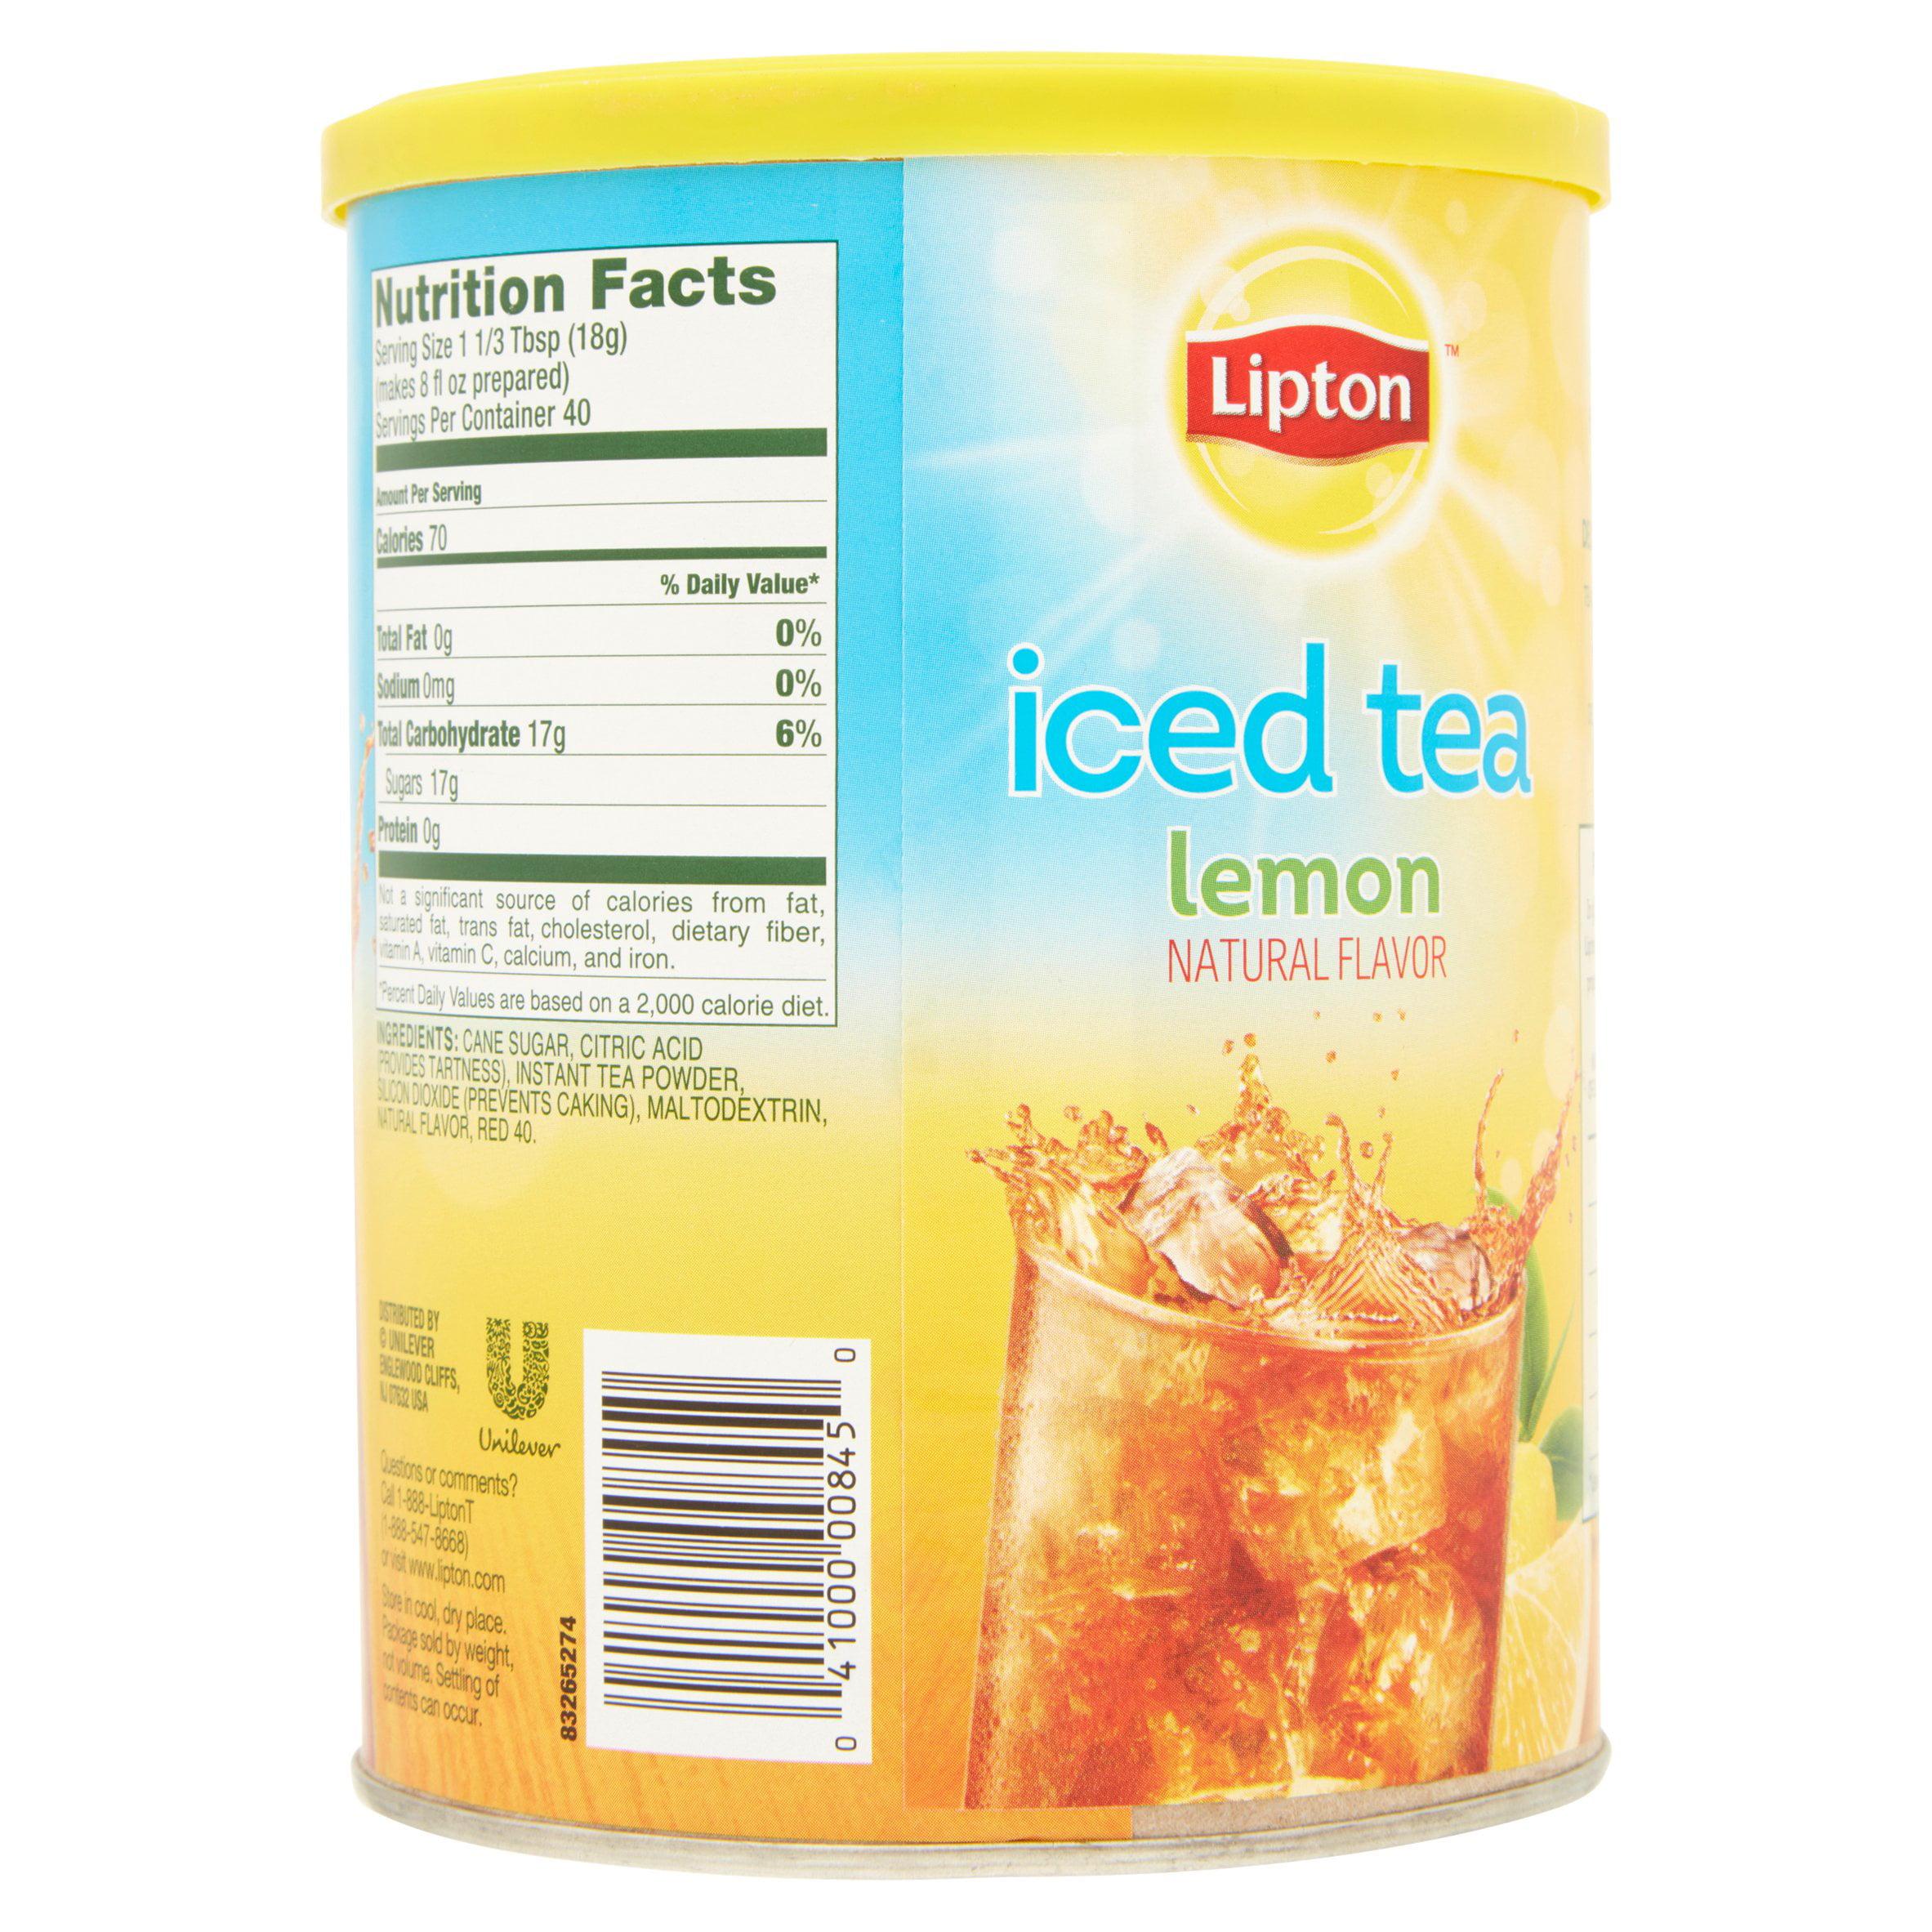 Iced Tea Nutrition Facts Lipton